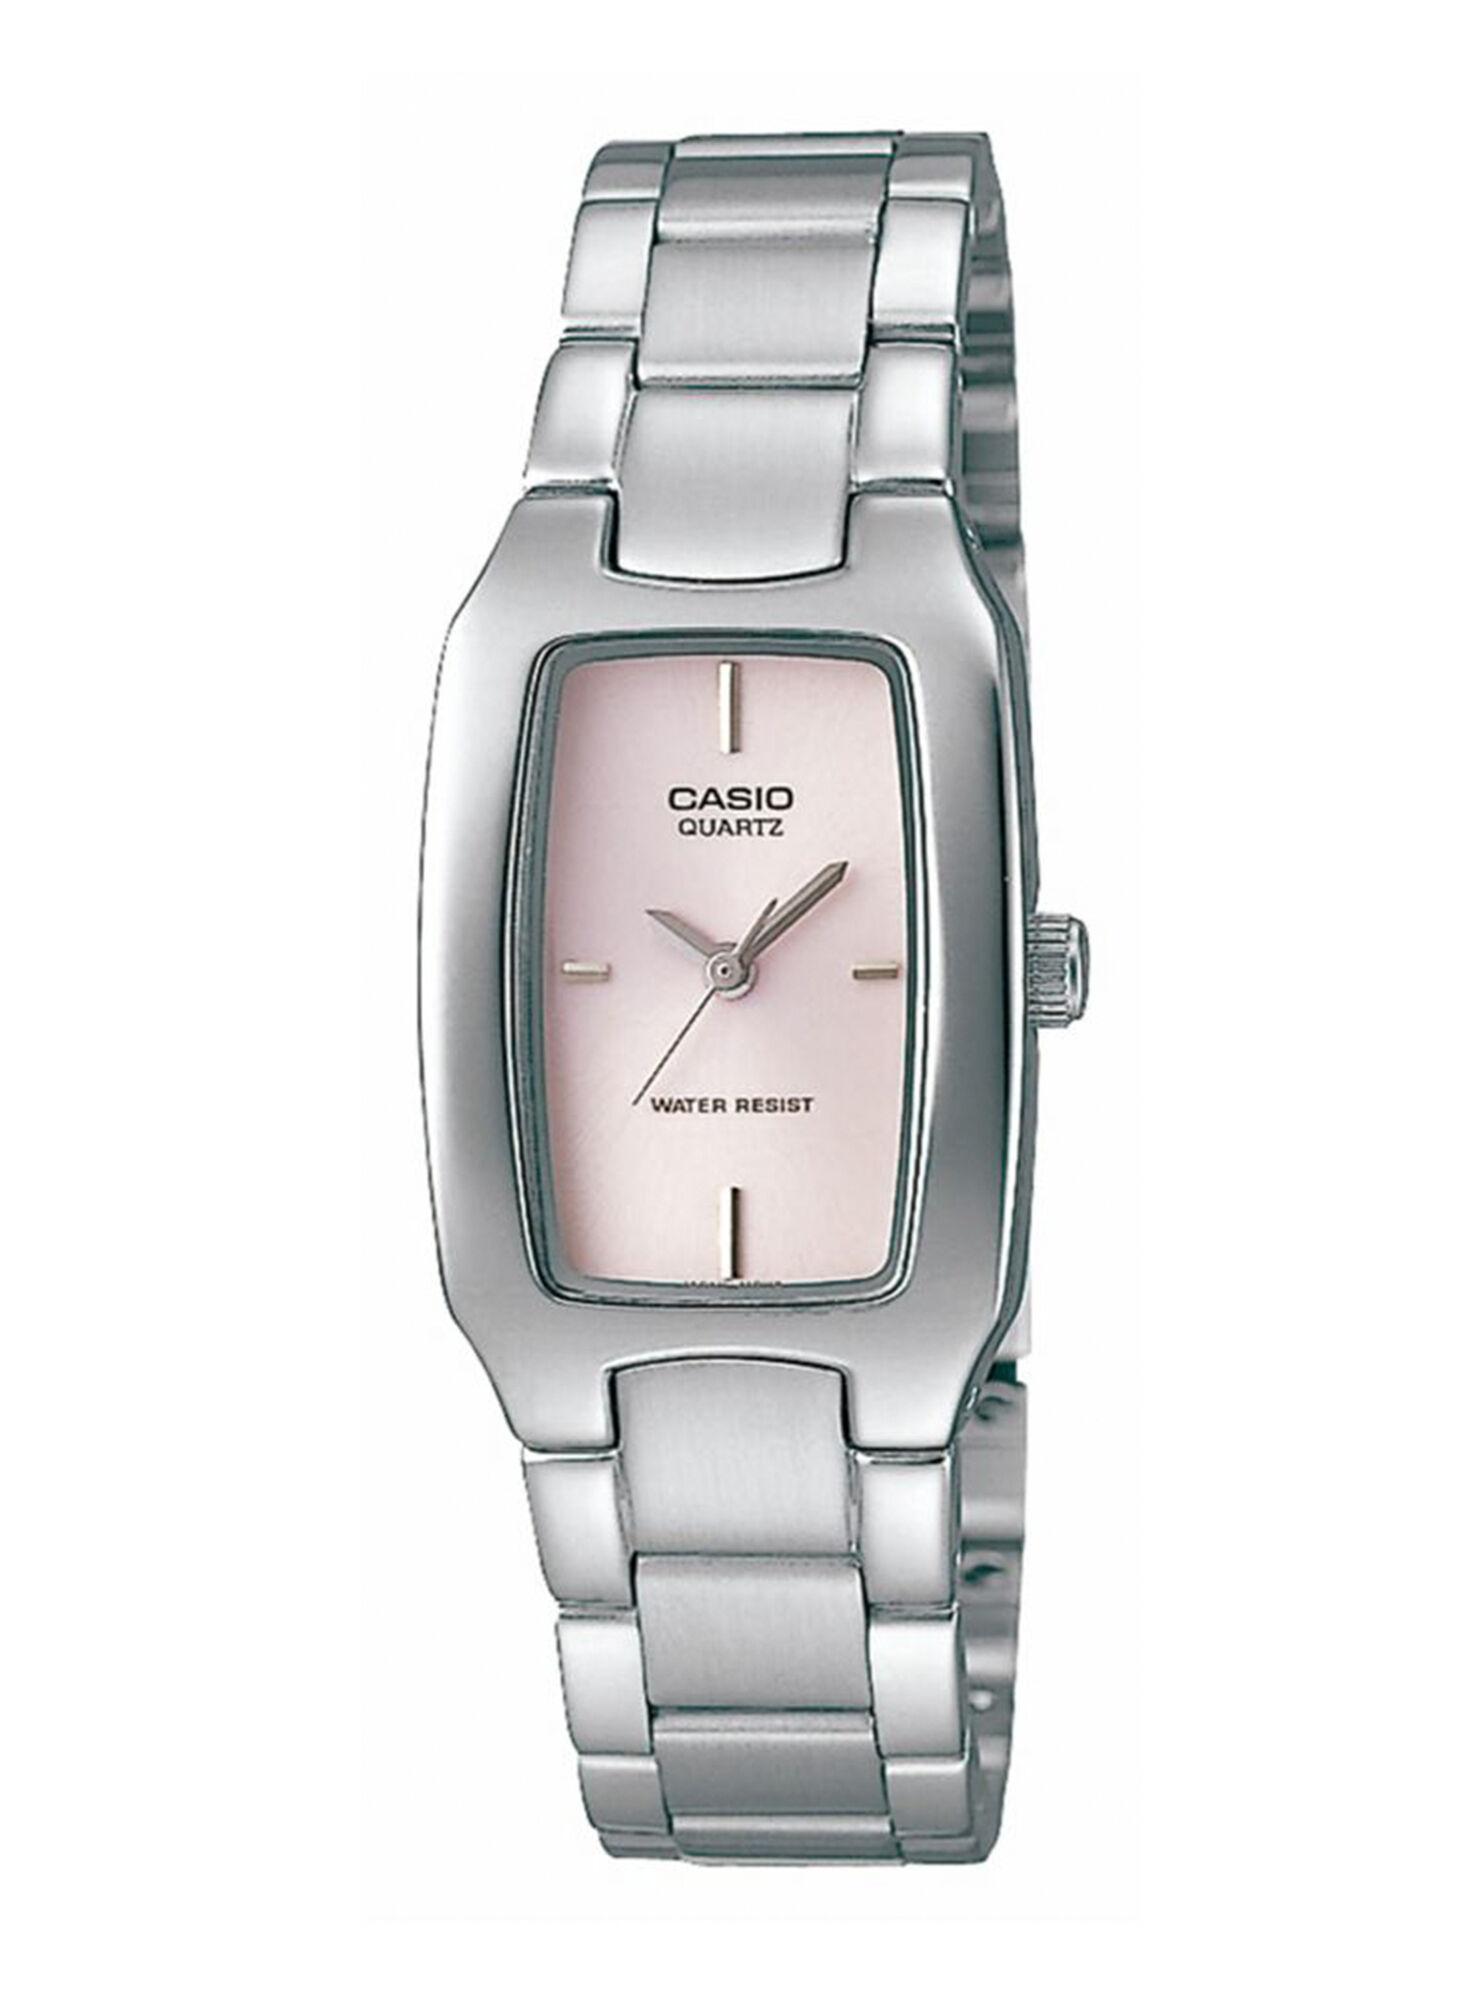 8e740c70d3b0 Reloj Análogo Casio Cuadrado Pulso 31 Mujer en Relojes